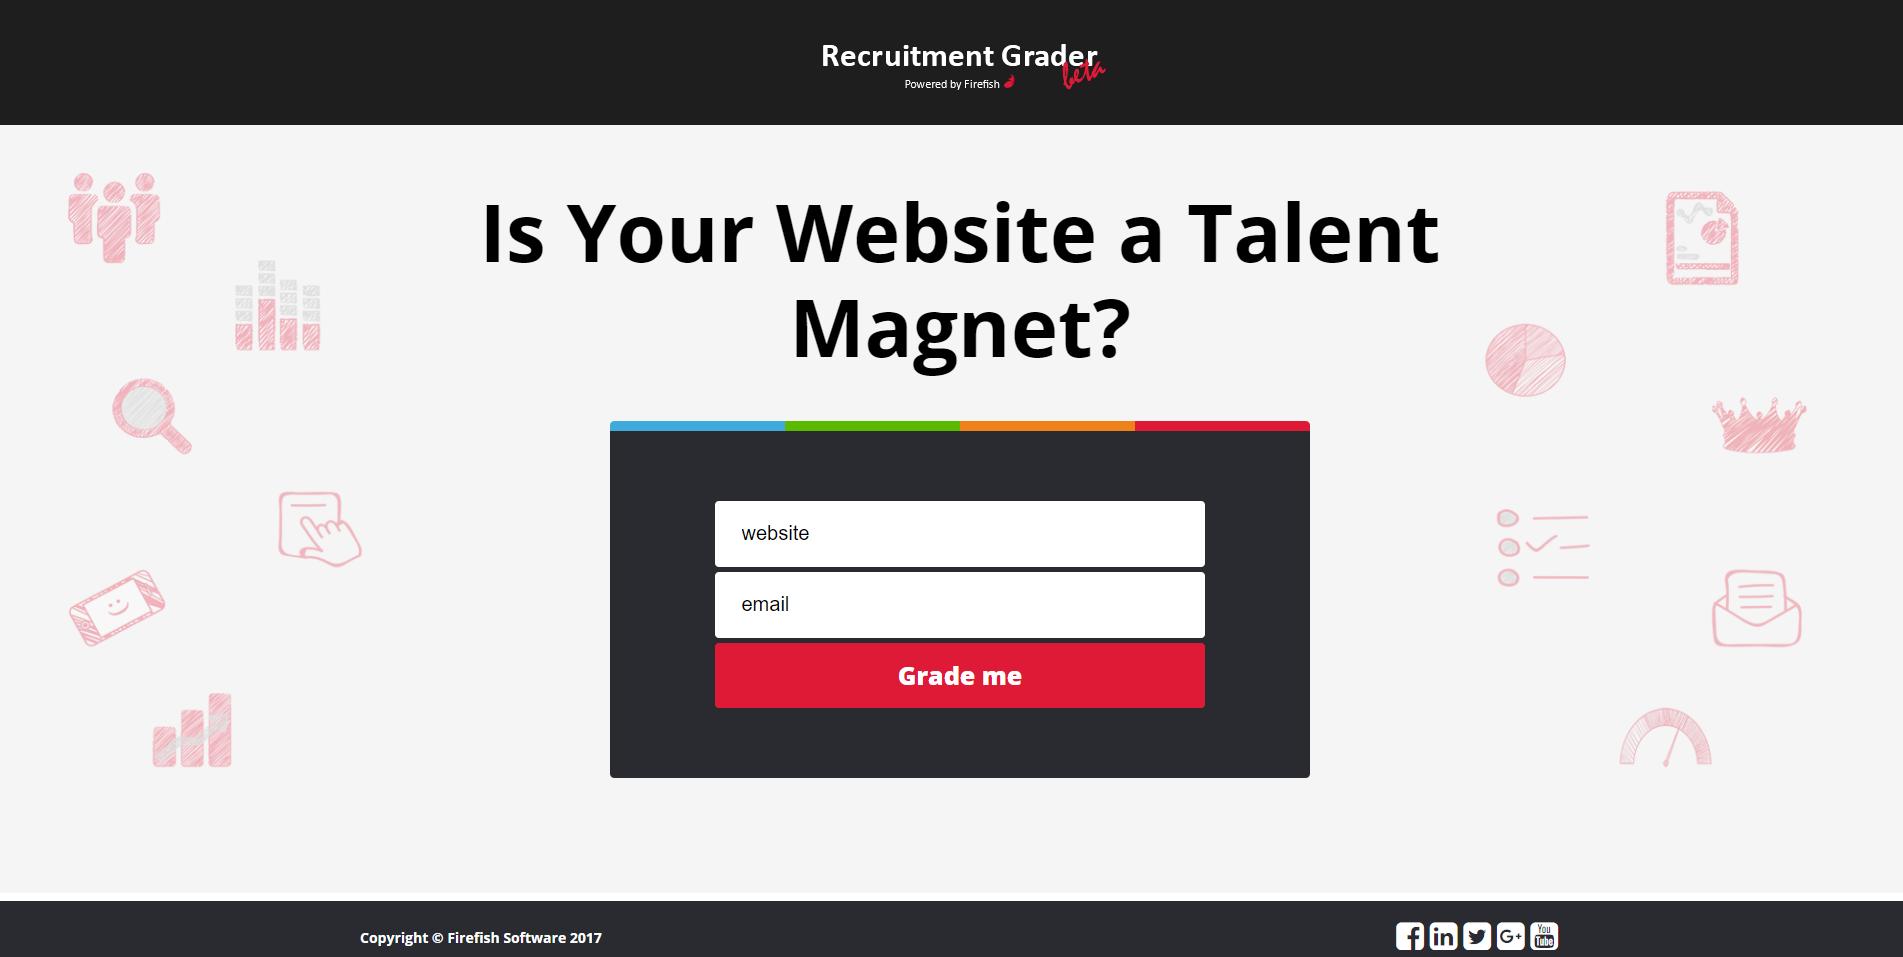 A Screenshot of the Recruitment Grader